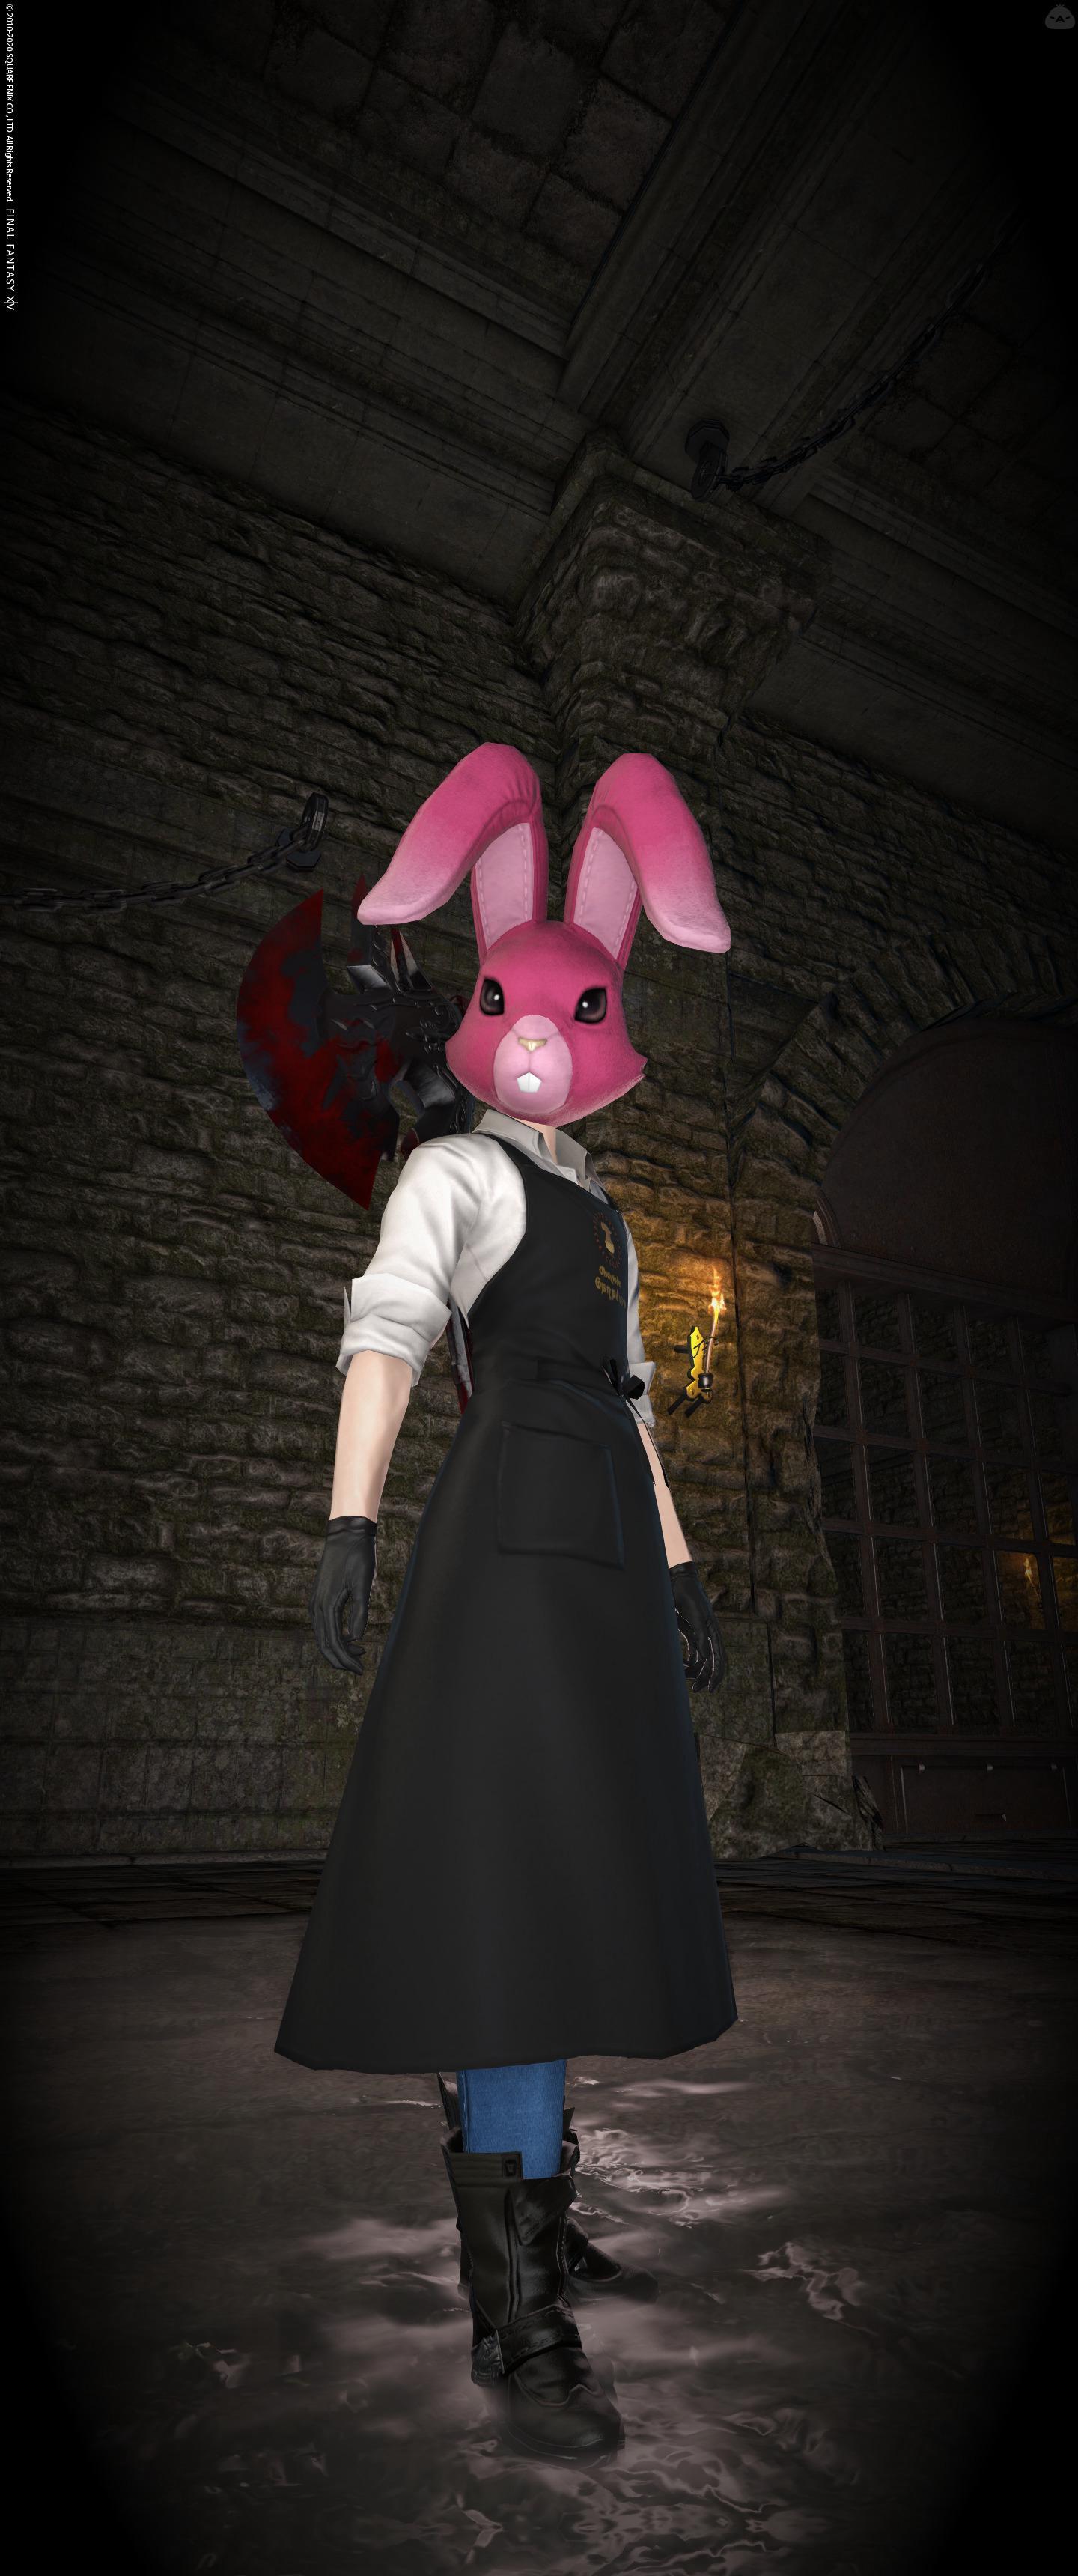 俺が知ってるウサギはこうだった